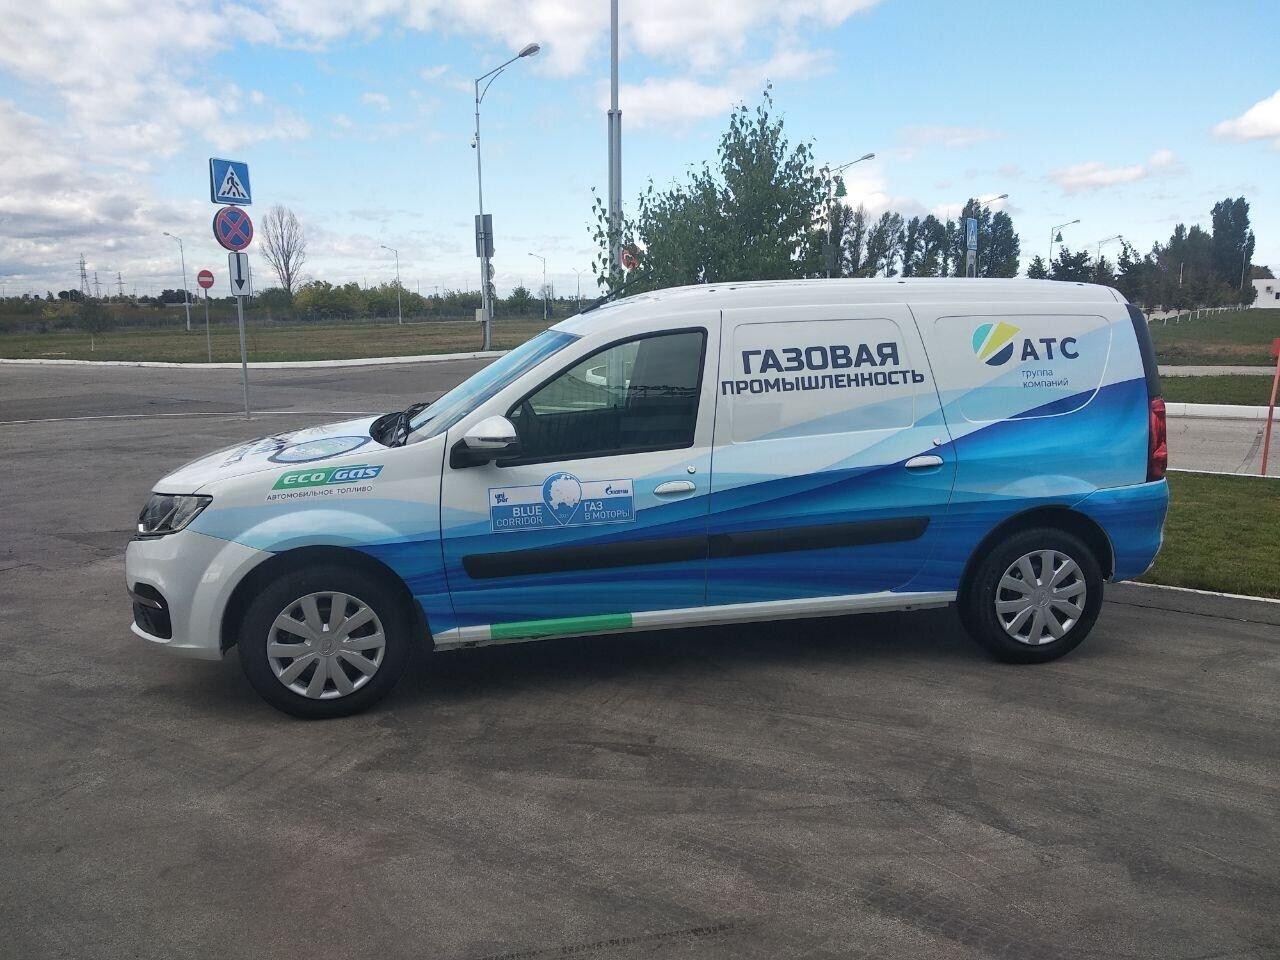 Скоро в продажу поступит метановый LADA Largus FL